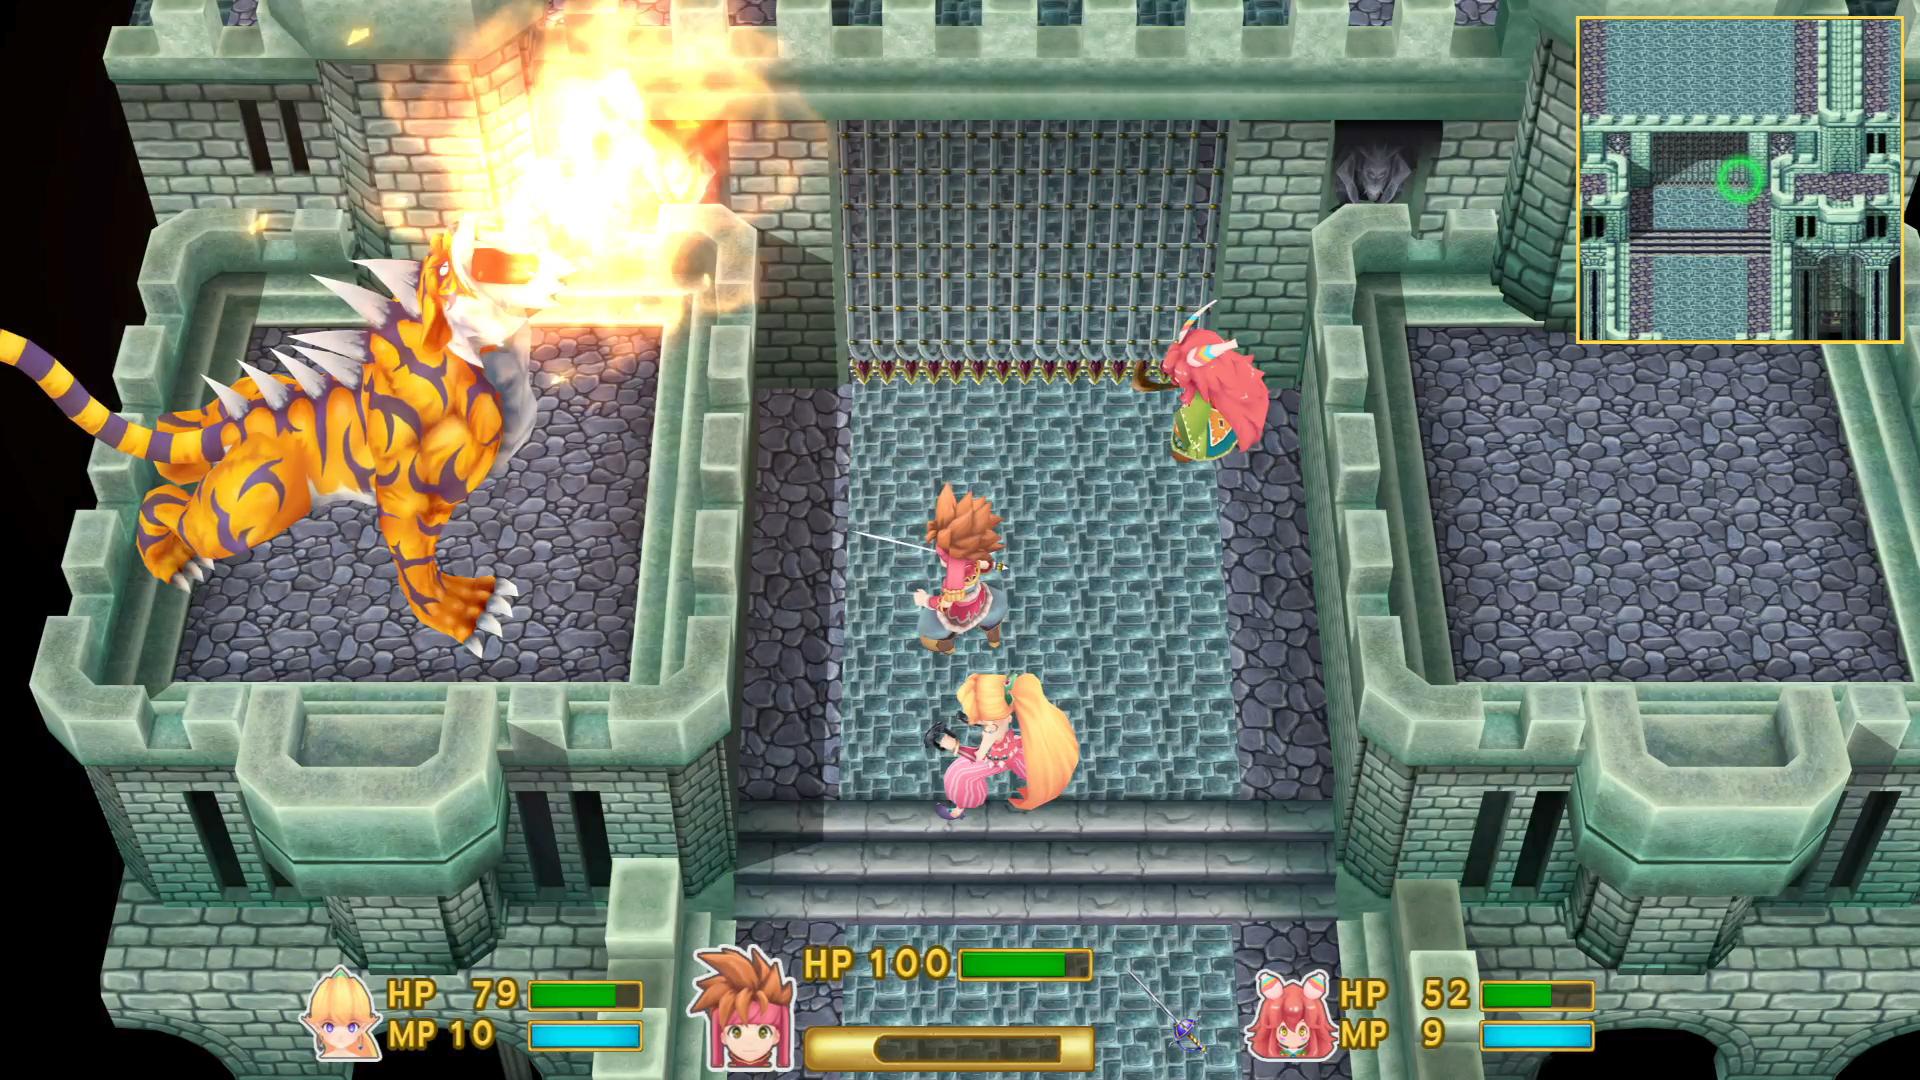 Secret of Mana  sur PS4, Vita et Steam 1503646643-2306-capture-d-ecran